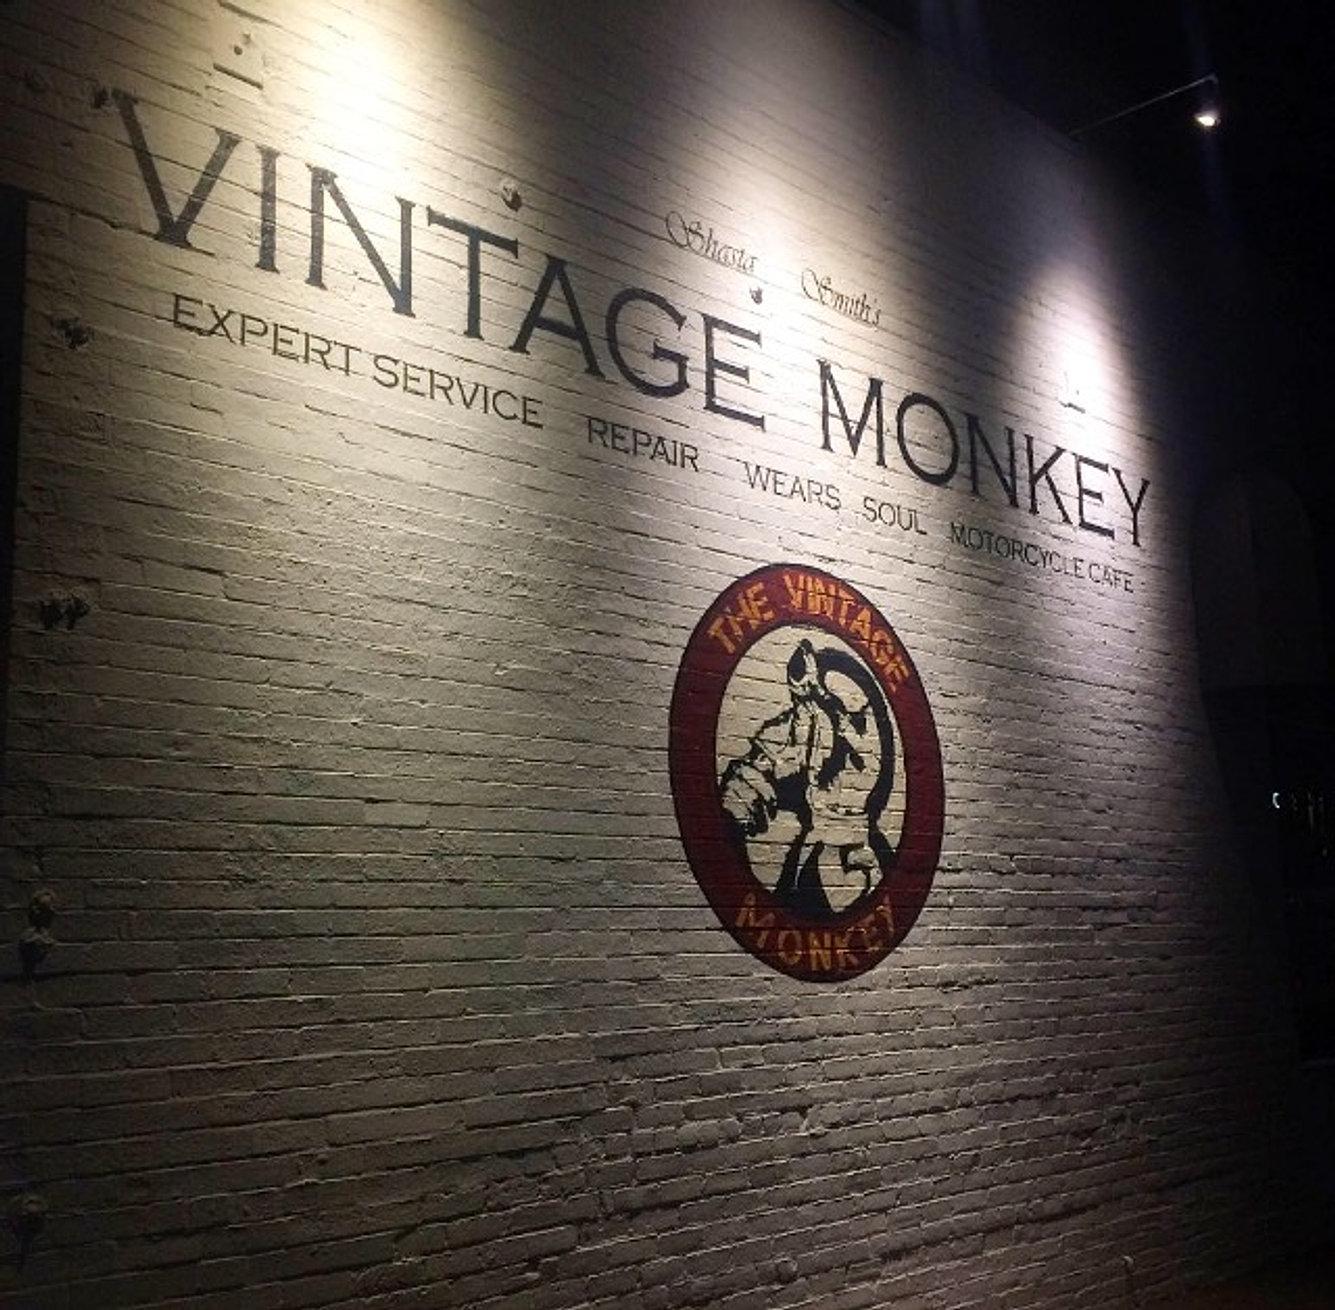 Vintage Monkey Motorcycle service